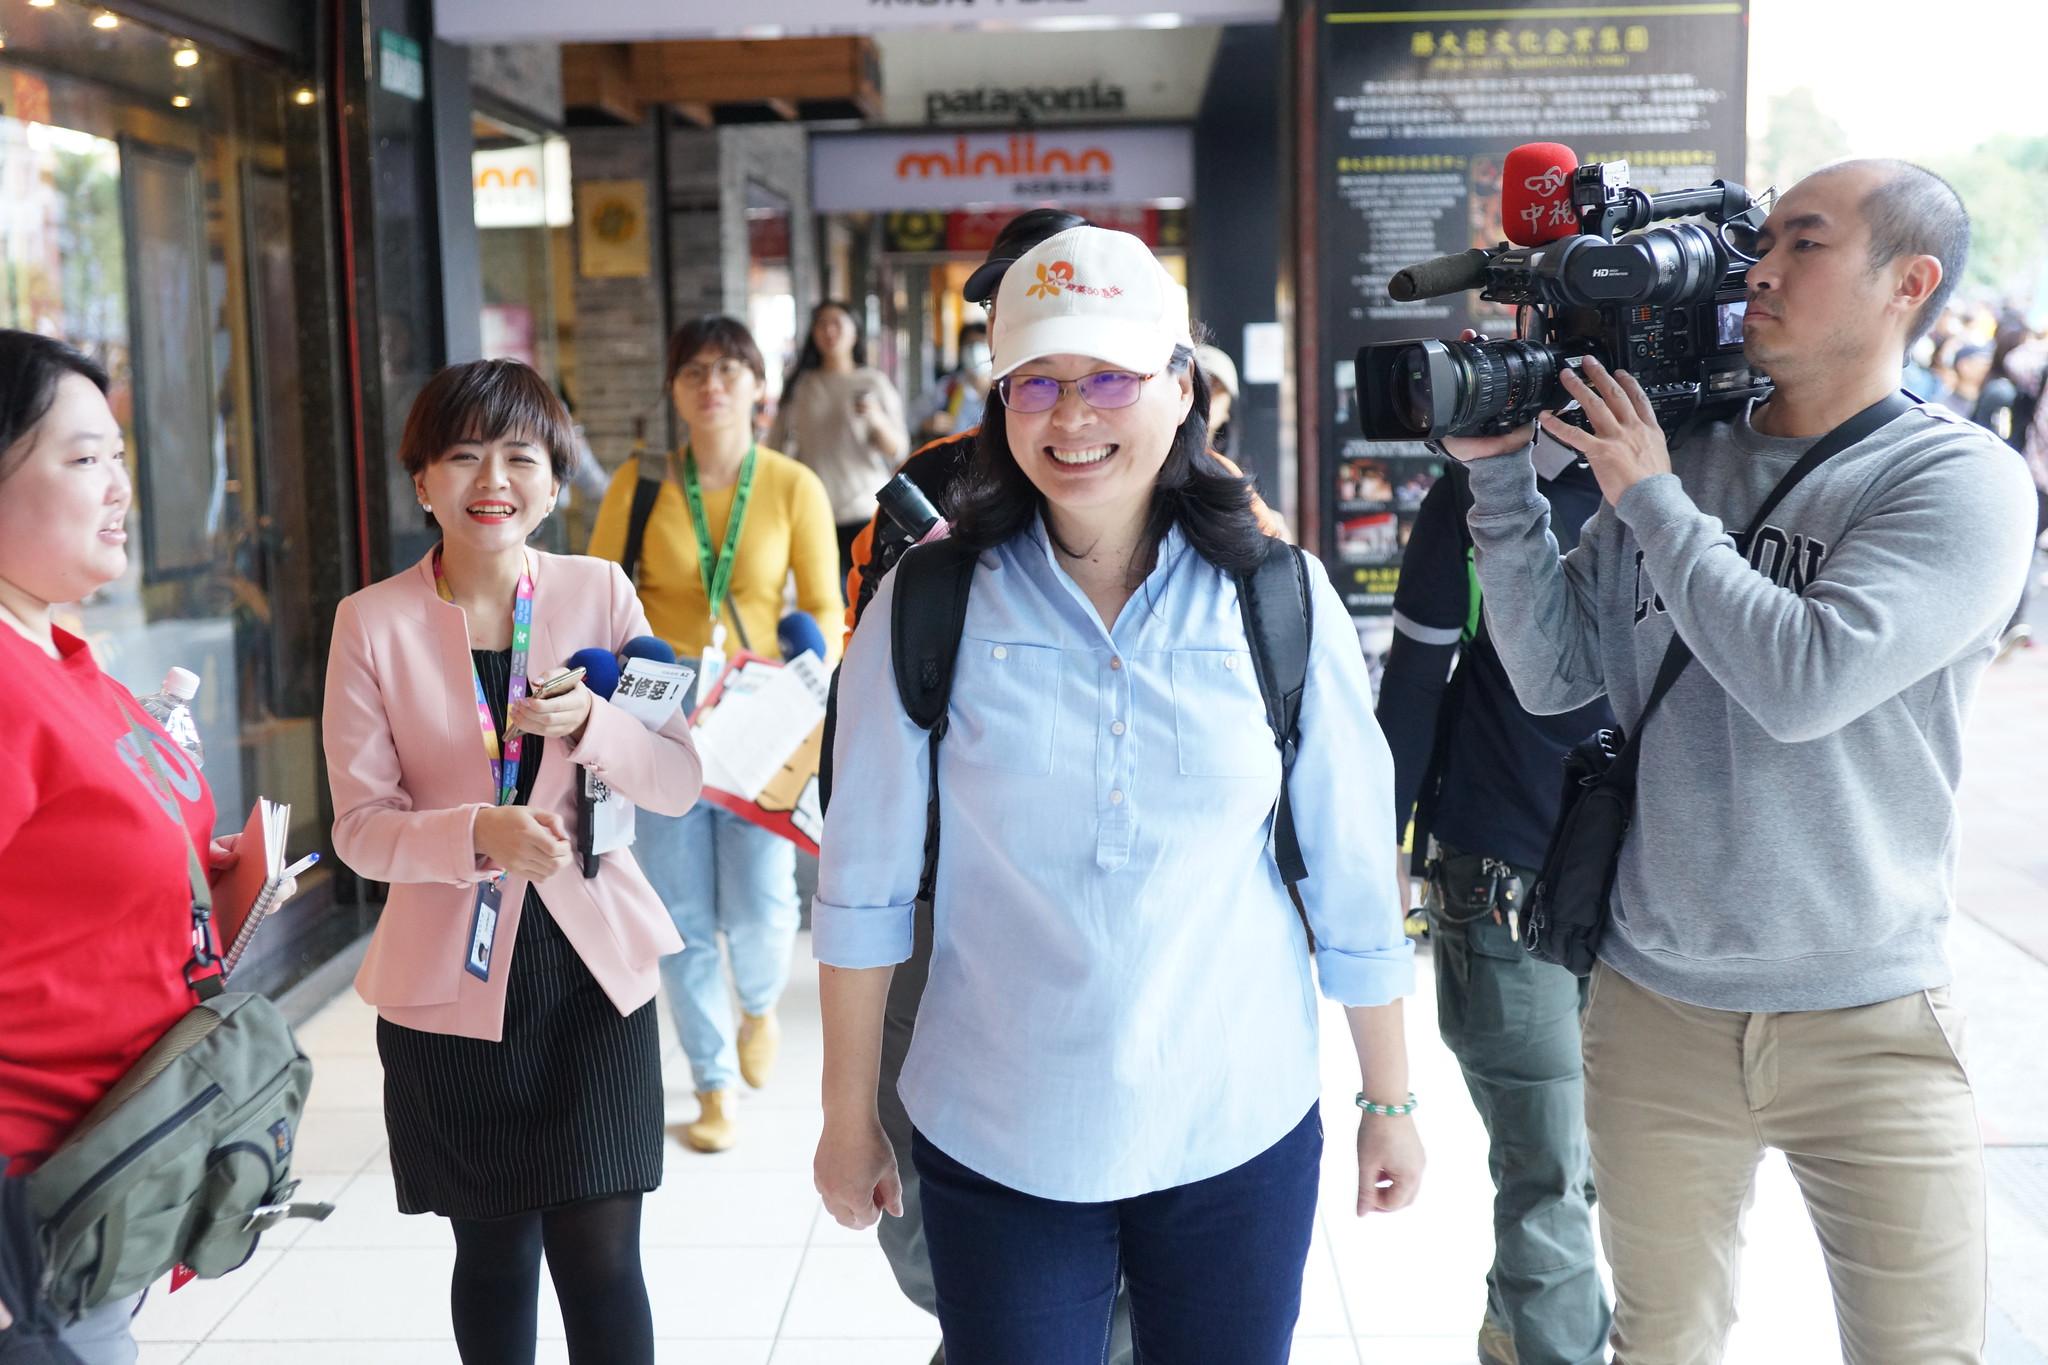 台北市勞動局長賴香伶也現身隊伍當中。(攝影:王顥中)